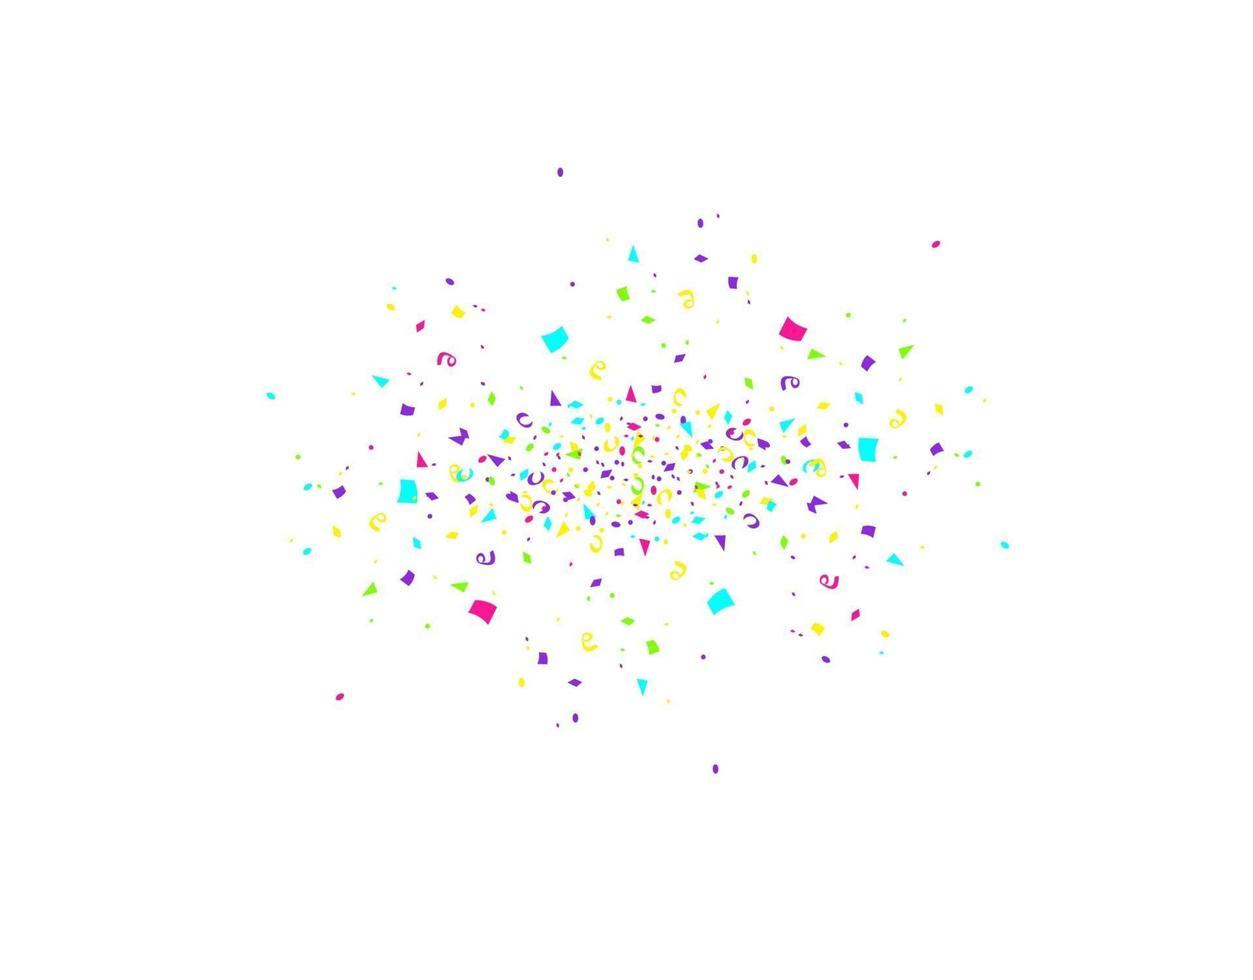 kleurrijke confetti burst geïsoleerd op een witte achtergrond. feestelijke sjabloon. vectorillustratie van vallende deeltjes voor vakantieontwerp vector